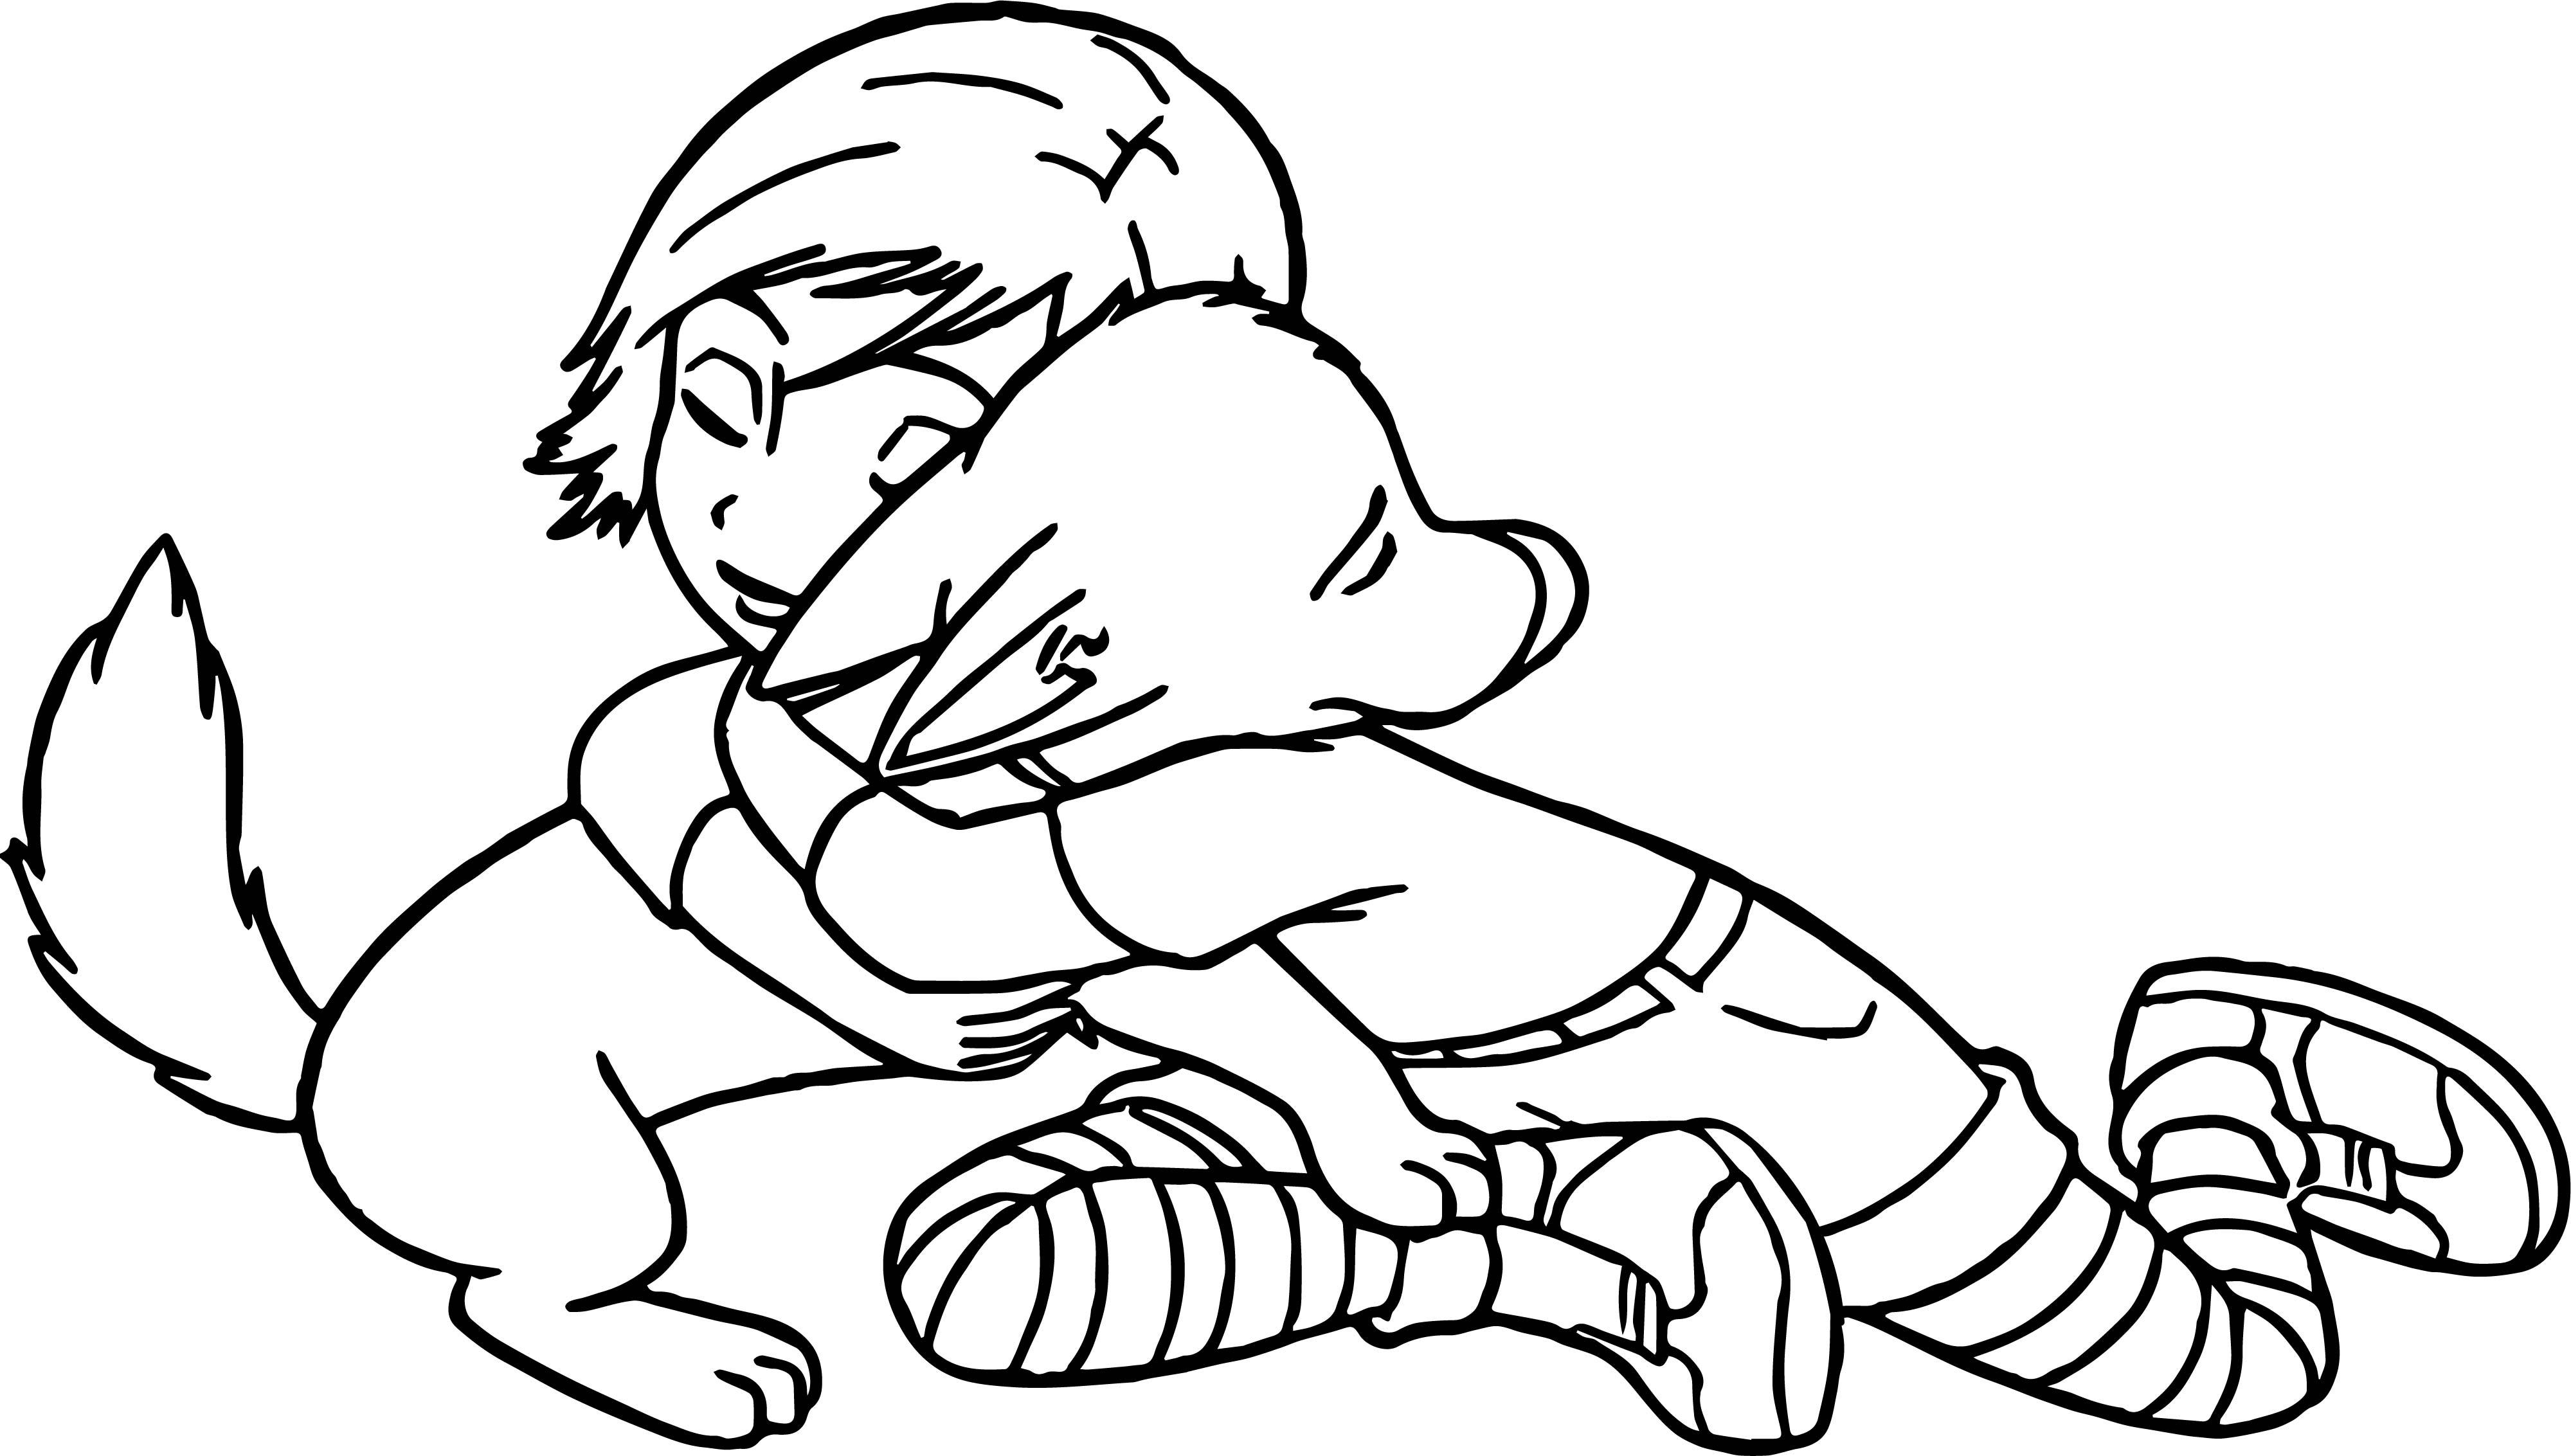 Bolt Dog Hug Coloring Pages